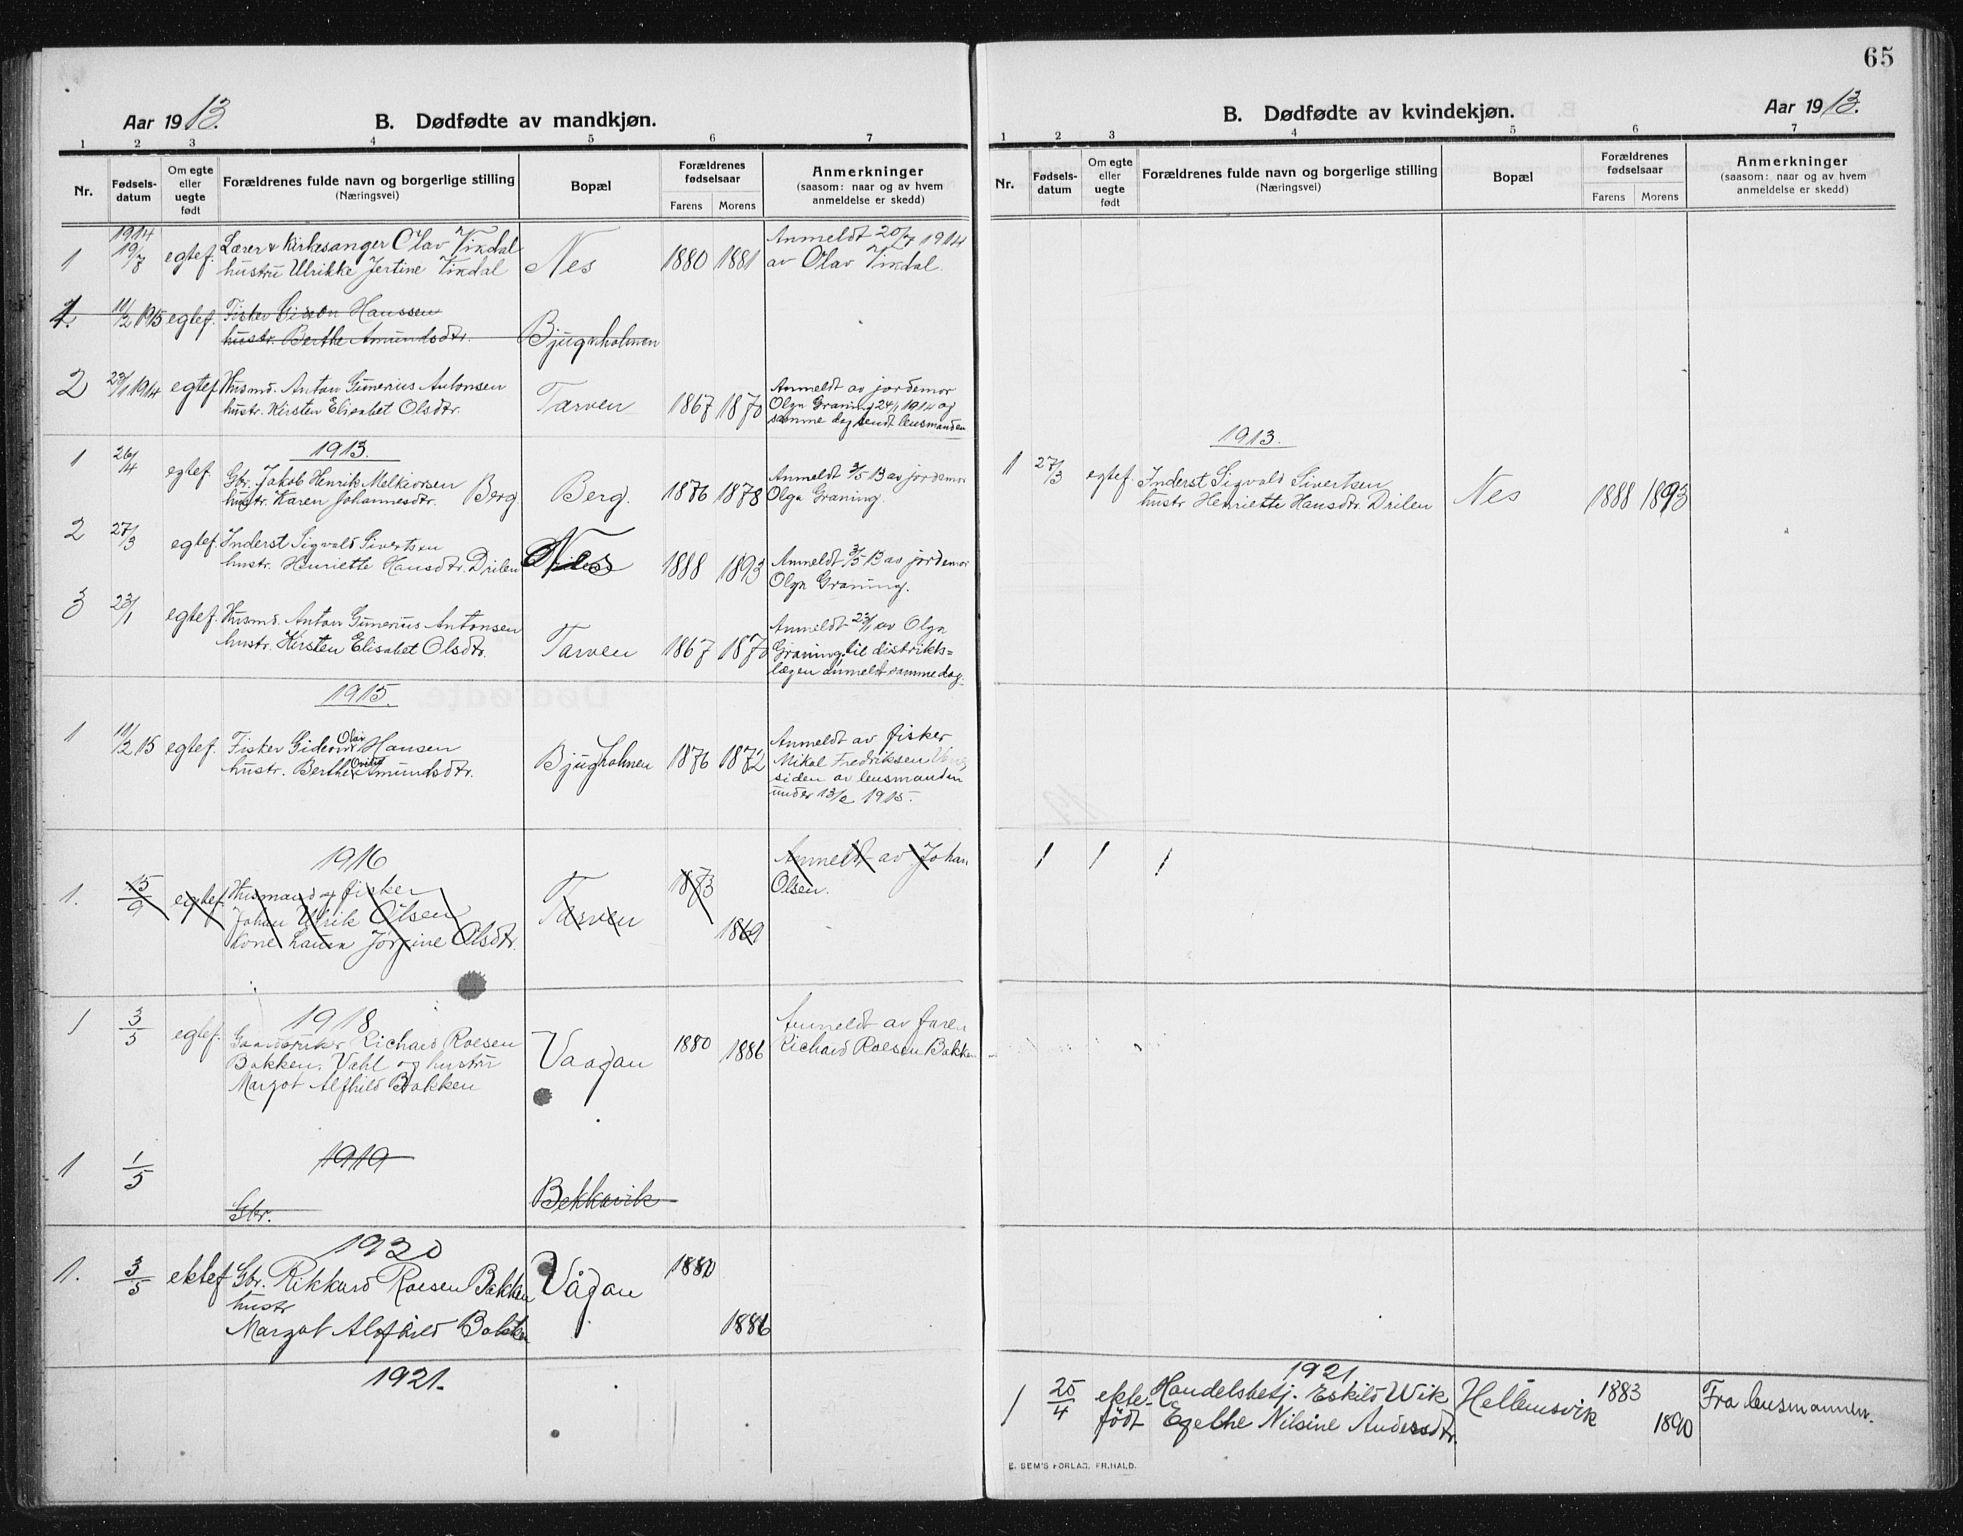 SAT, Ministerialprotokoller, klokkerbøker og fødselsregistre - Sør-Trøndelag, 652/L0654: Klokkerbok nr. 652C02, 1910-1937, s. 65